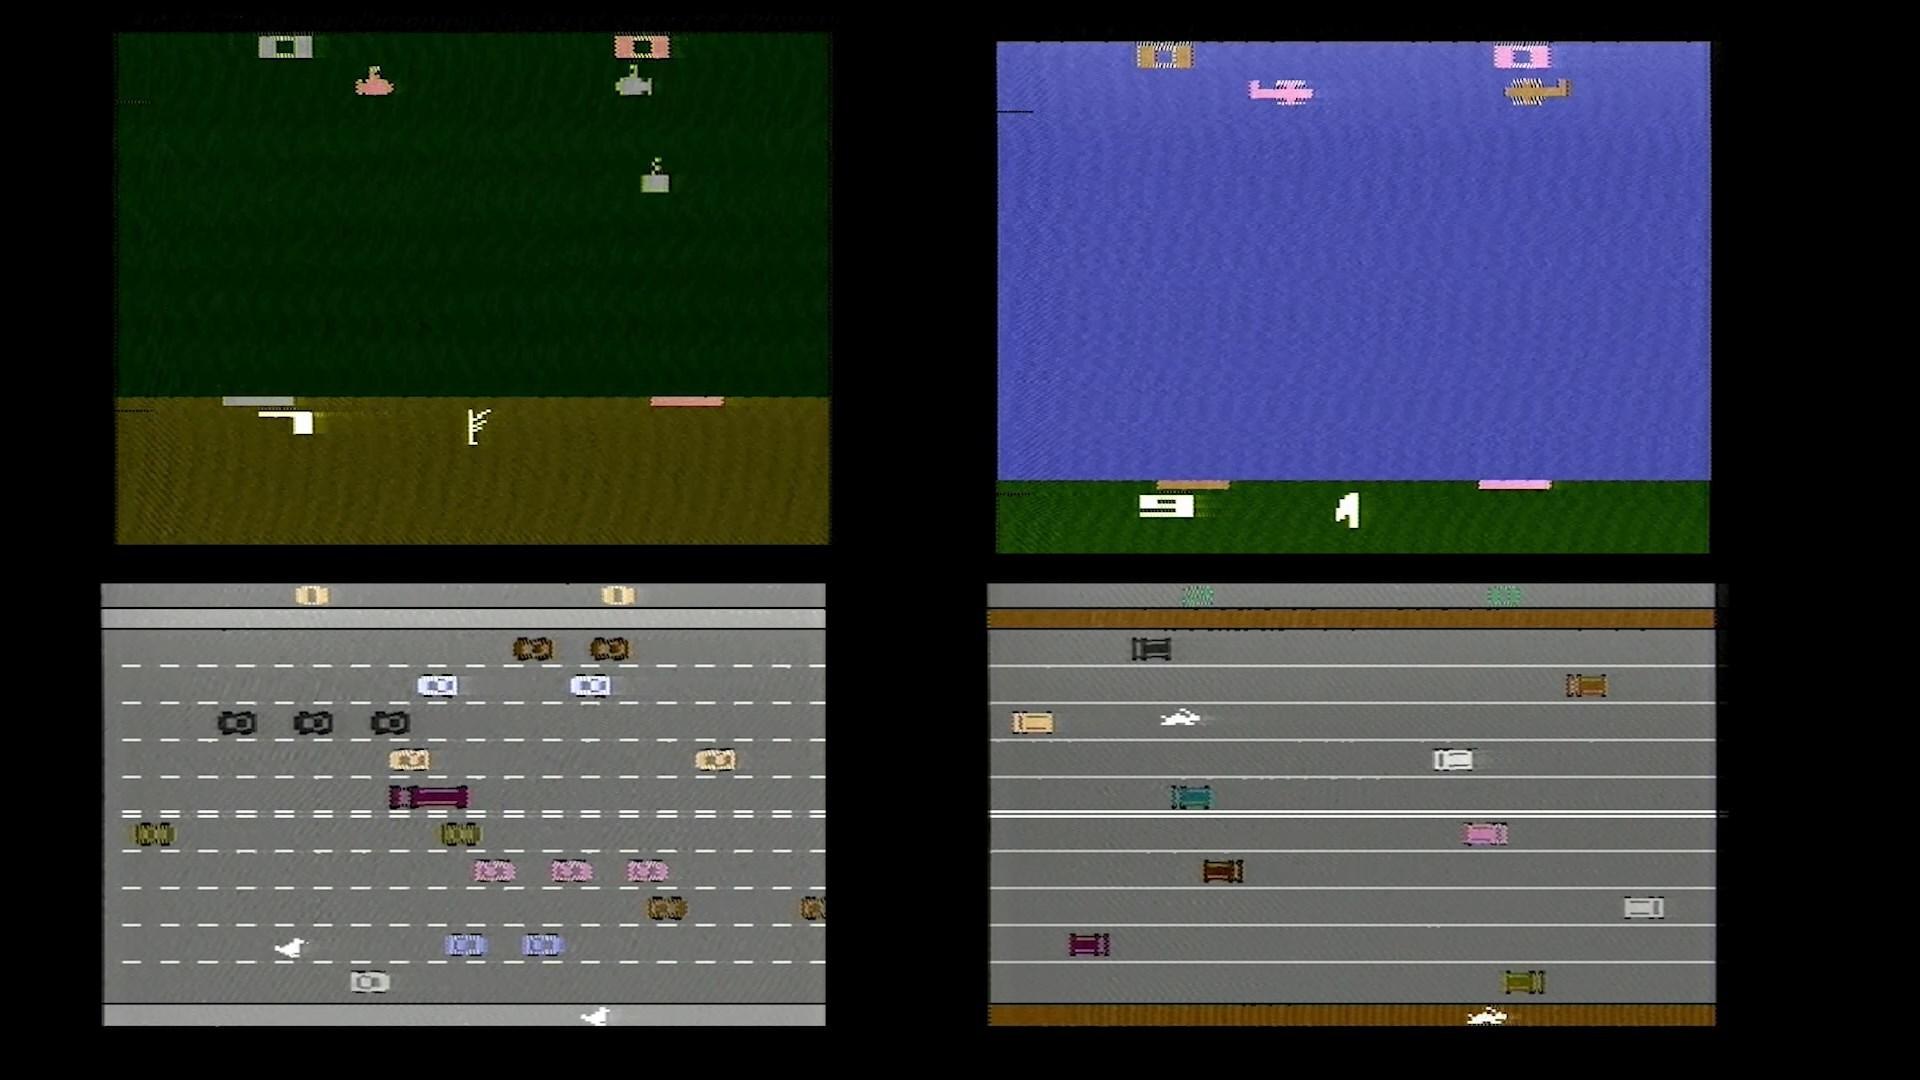 Rambo TV Games (Atari 2600) [статья с кучей фото и капелькой видео] - 37